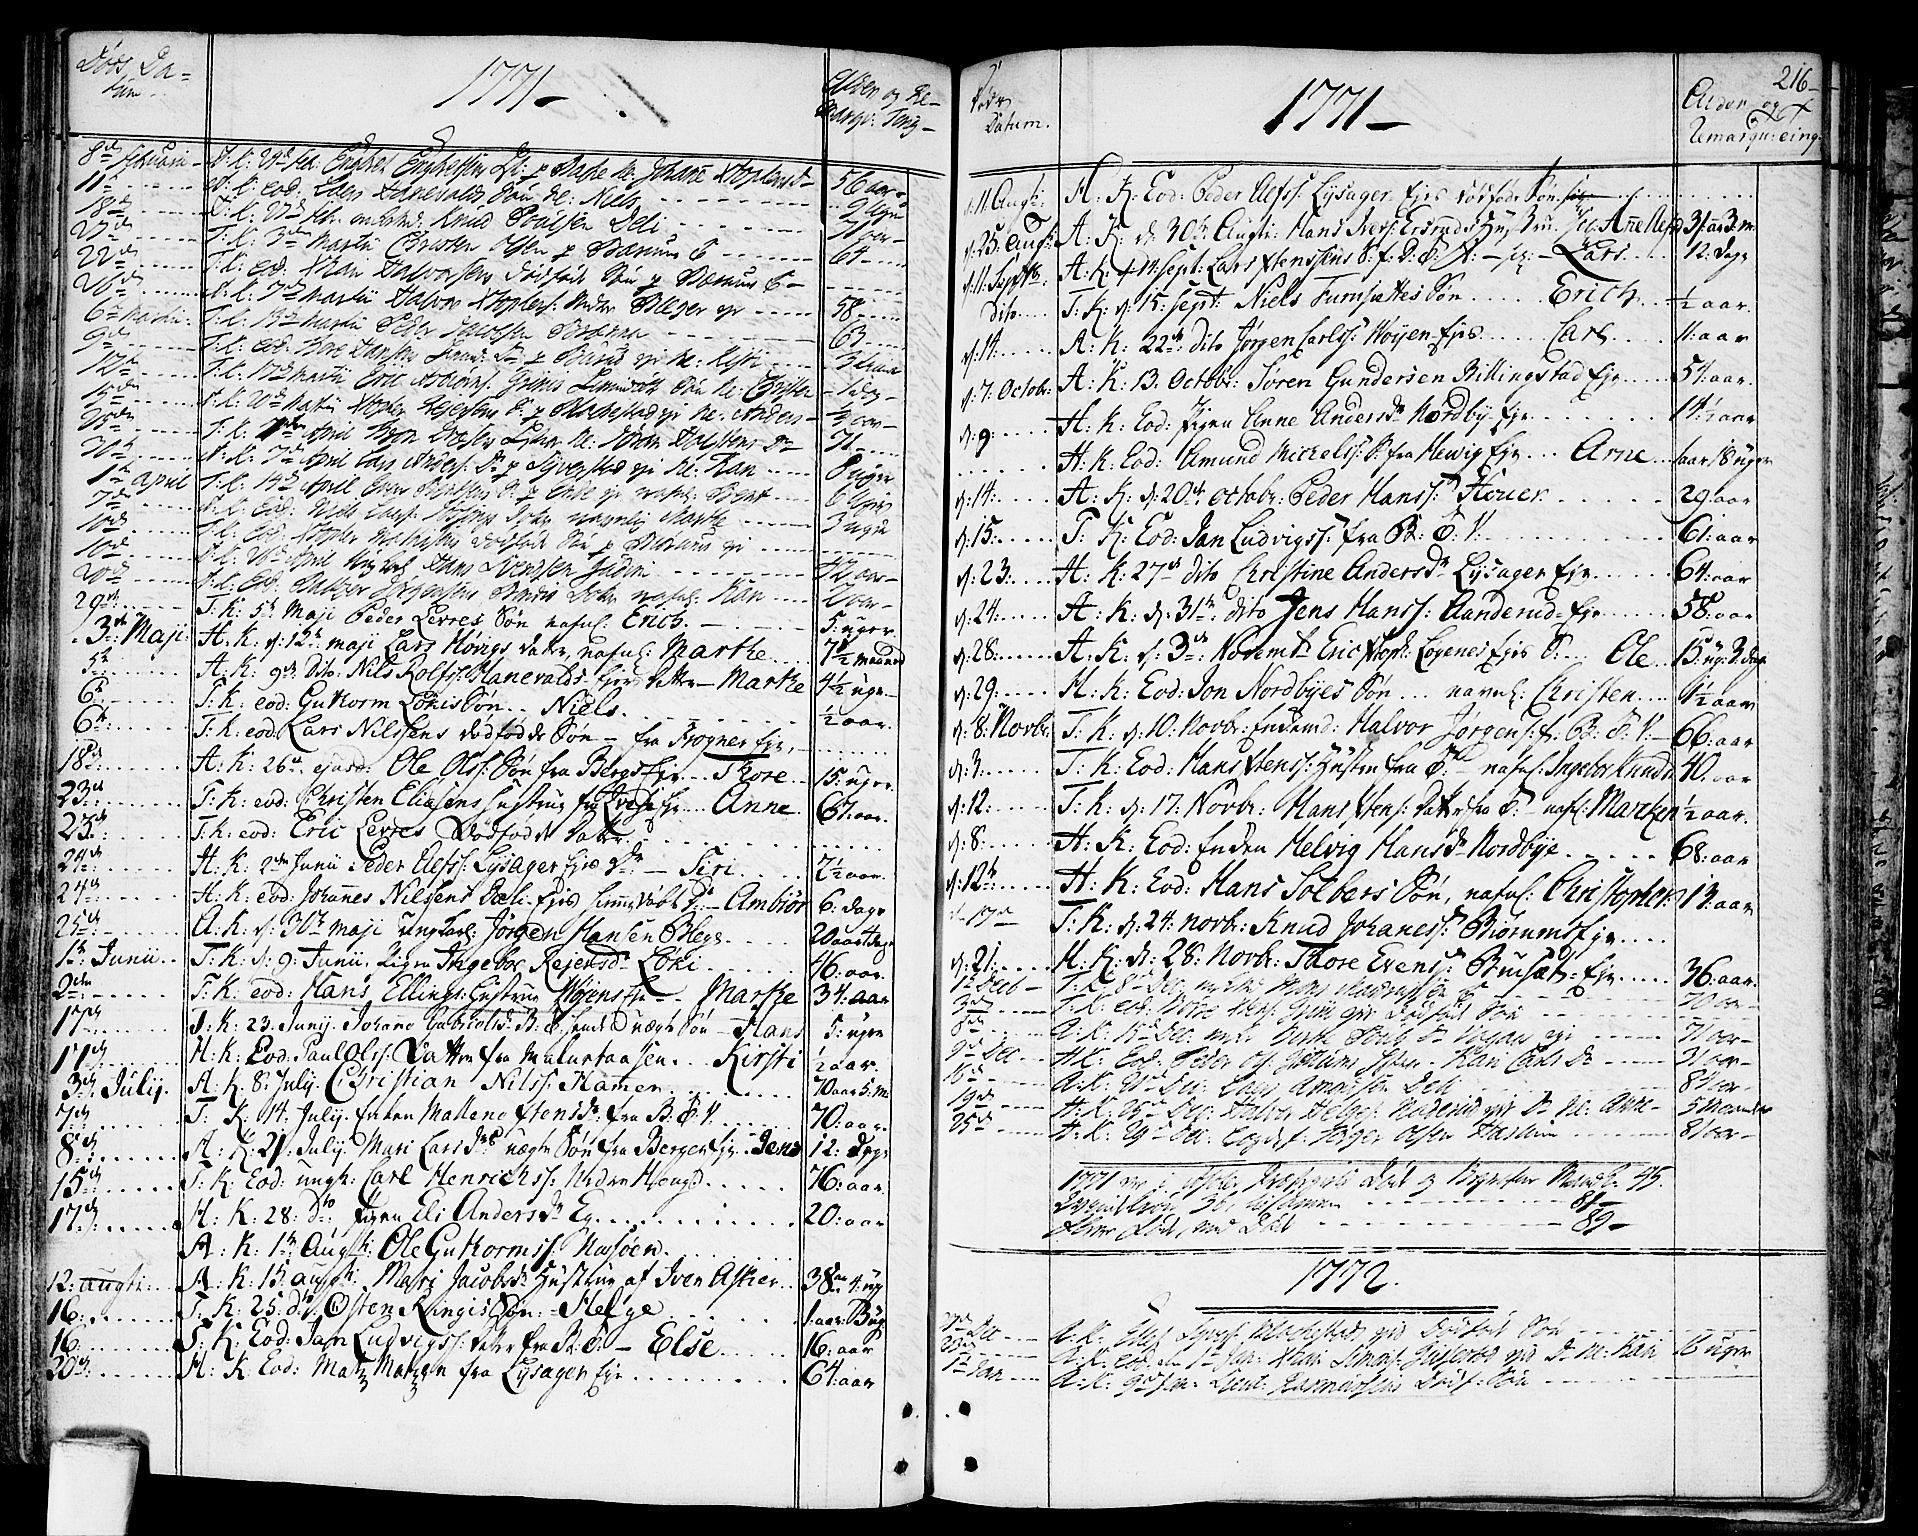 SAO, Asker prestekontor Kirkebøker, F/Fa/L0003: Ministerialbok nr. I 3, 1767-1807, s. 216